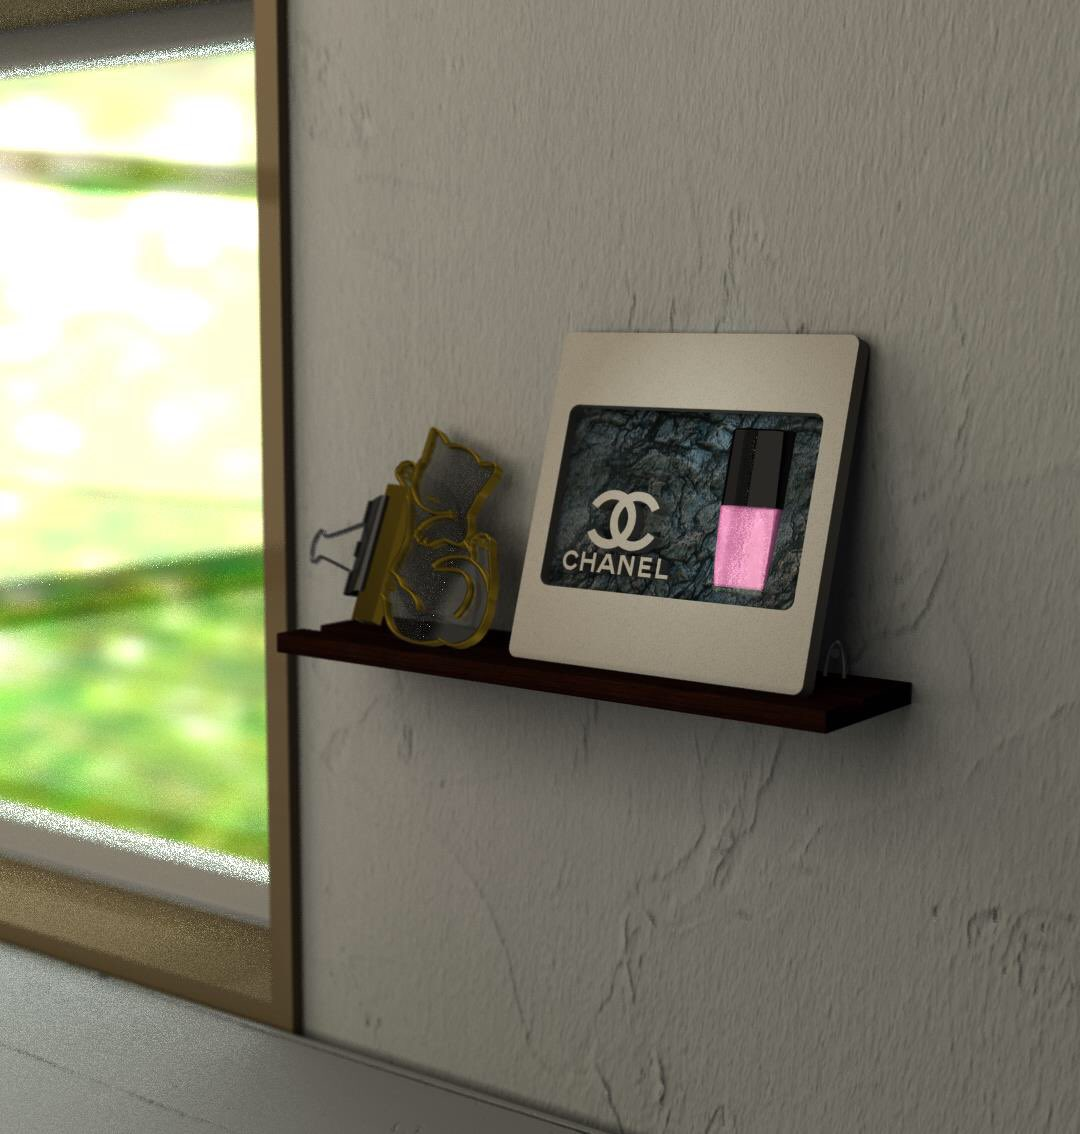 test ツイッターメディア - コースターアートレリーフ! . 今まで覚えてきたことをフル動員して、この連休で実物を作ってみます! . 今までの練習の集大成にさせます! . #雑貨 #セリア #吸水コースター #ハンドメイド #レリーフ #レジン #ブランド #chanel #nail #ニャン #マンチカン #iModela #Roland #3Dprinting #Shade3D https://t.co/LNprUDztNz